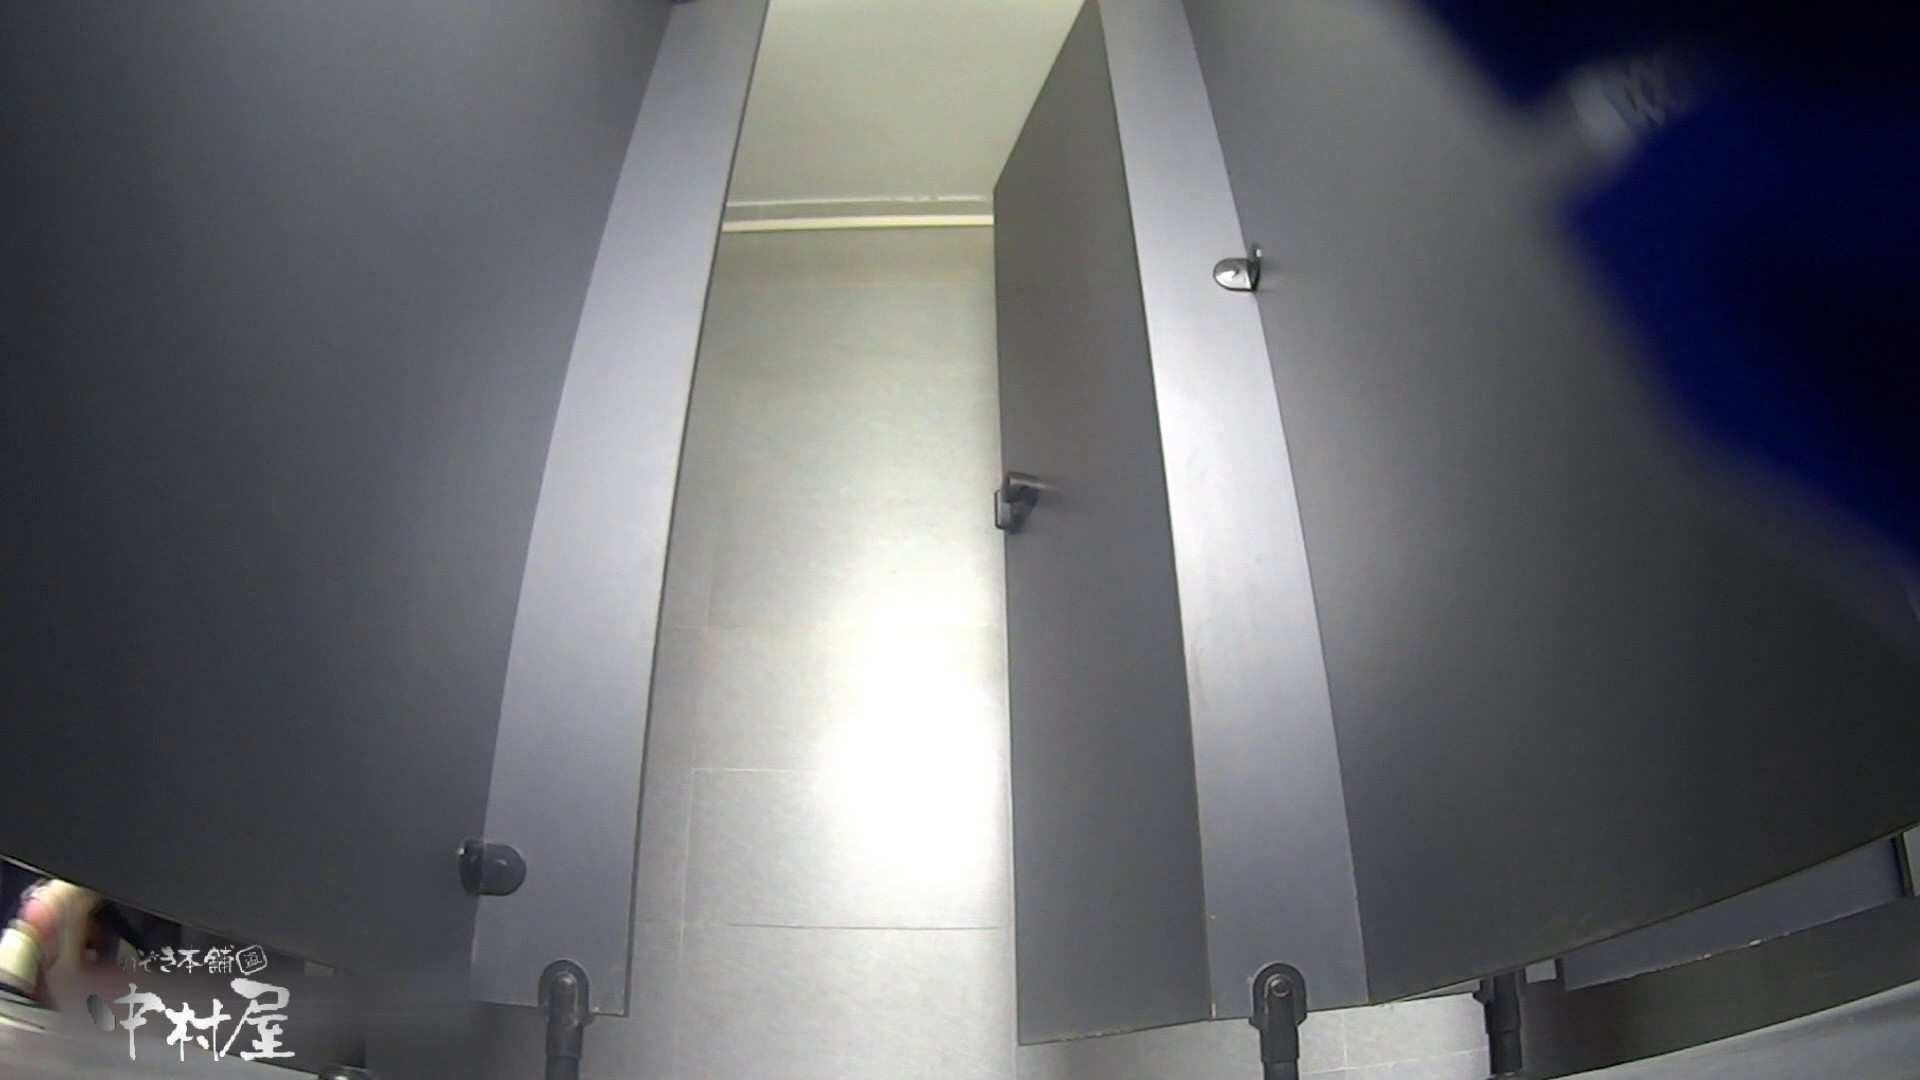 ツンデレお女市さんのトイレ事情 大学休憩時間の洗面所事情32 洗面所編 盗撮画像 110PIX 17